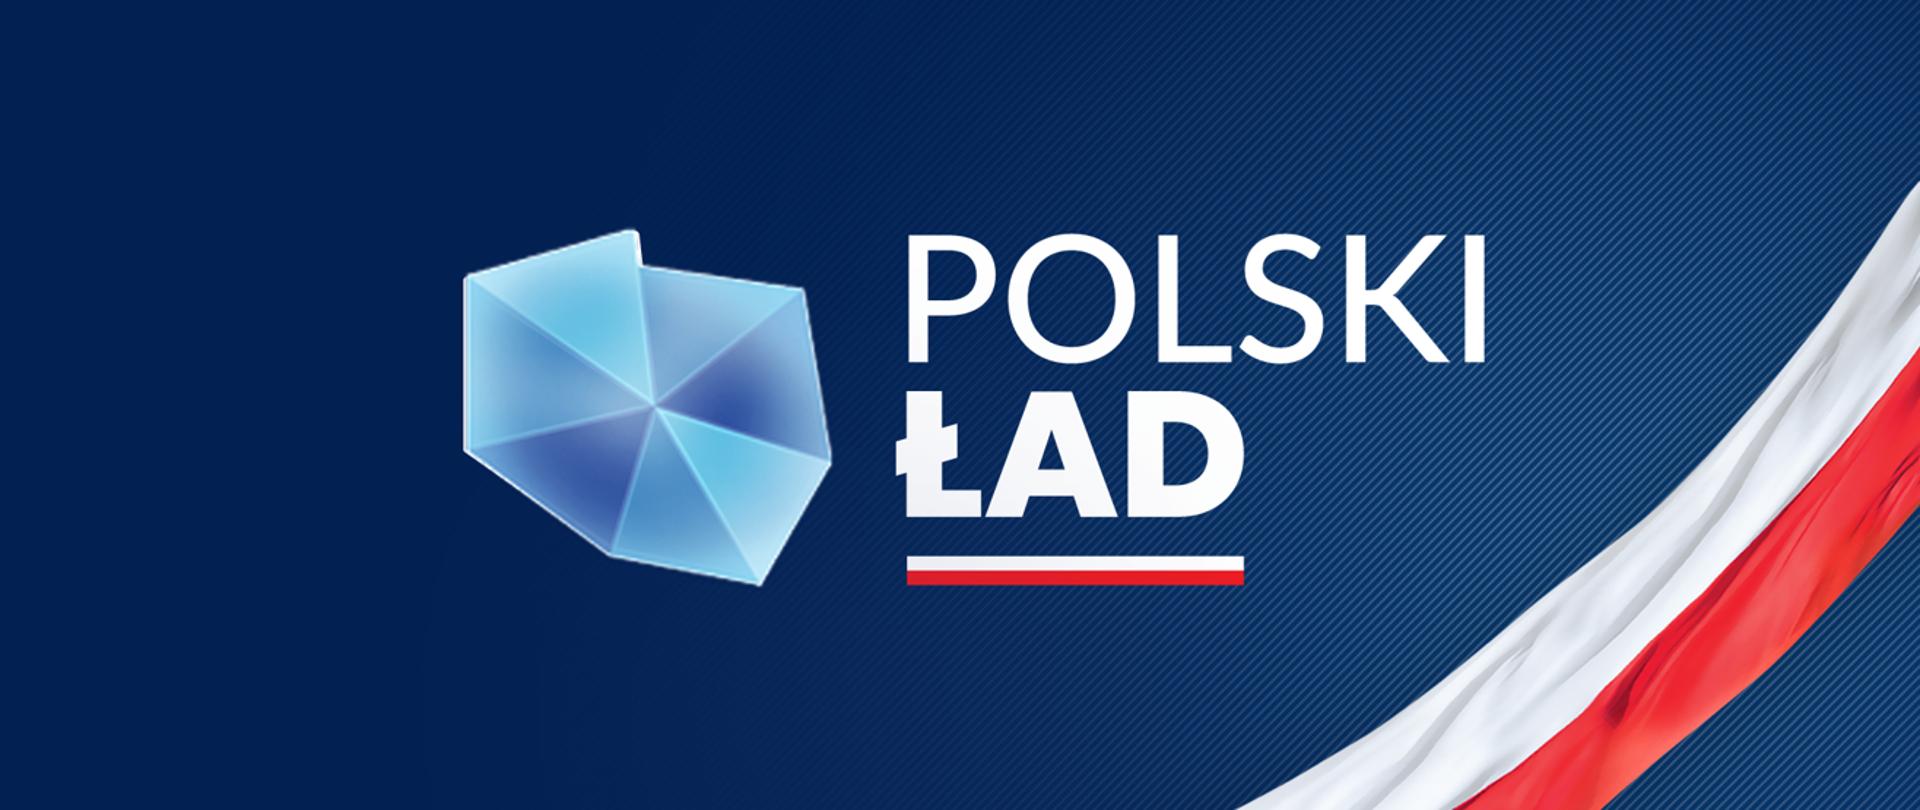 Polski (wk)Ład w wynajem nieruchomości